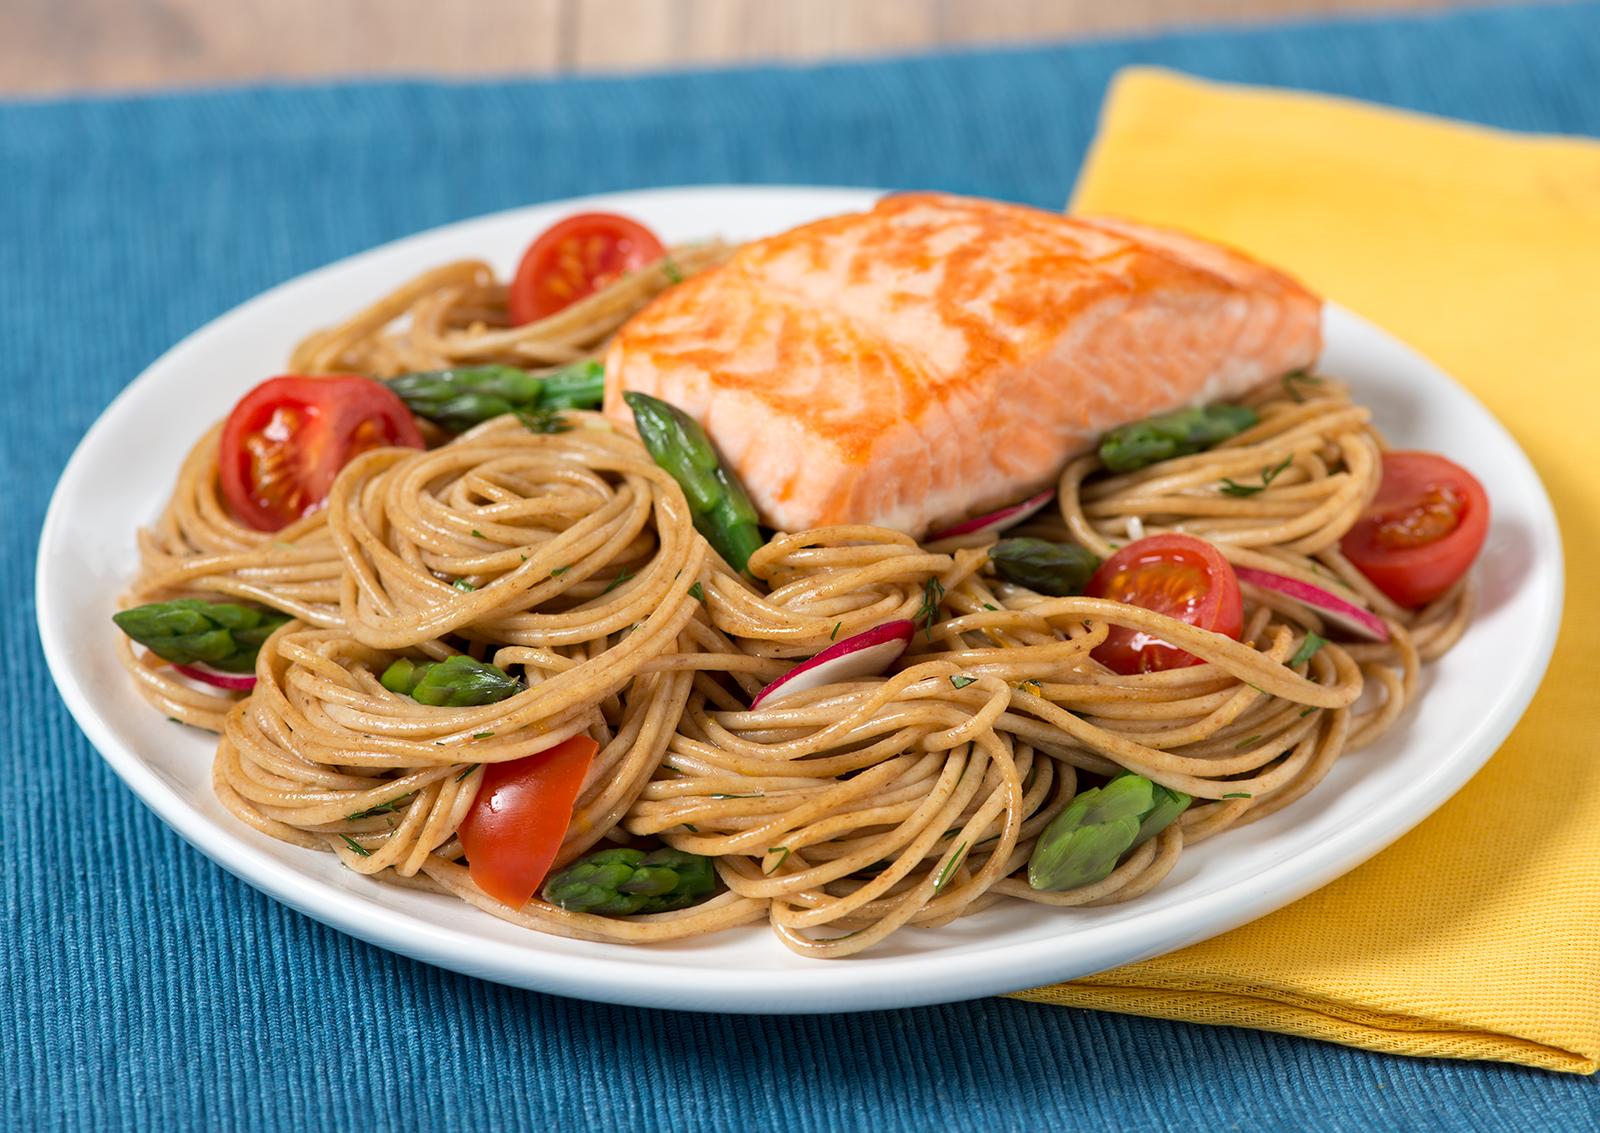 Spaghetti au Saumon avec Asperges et Fines Herbes